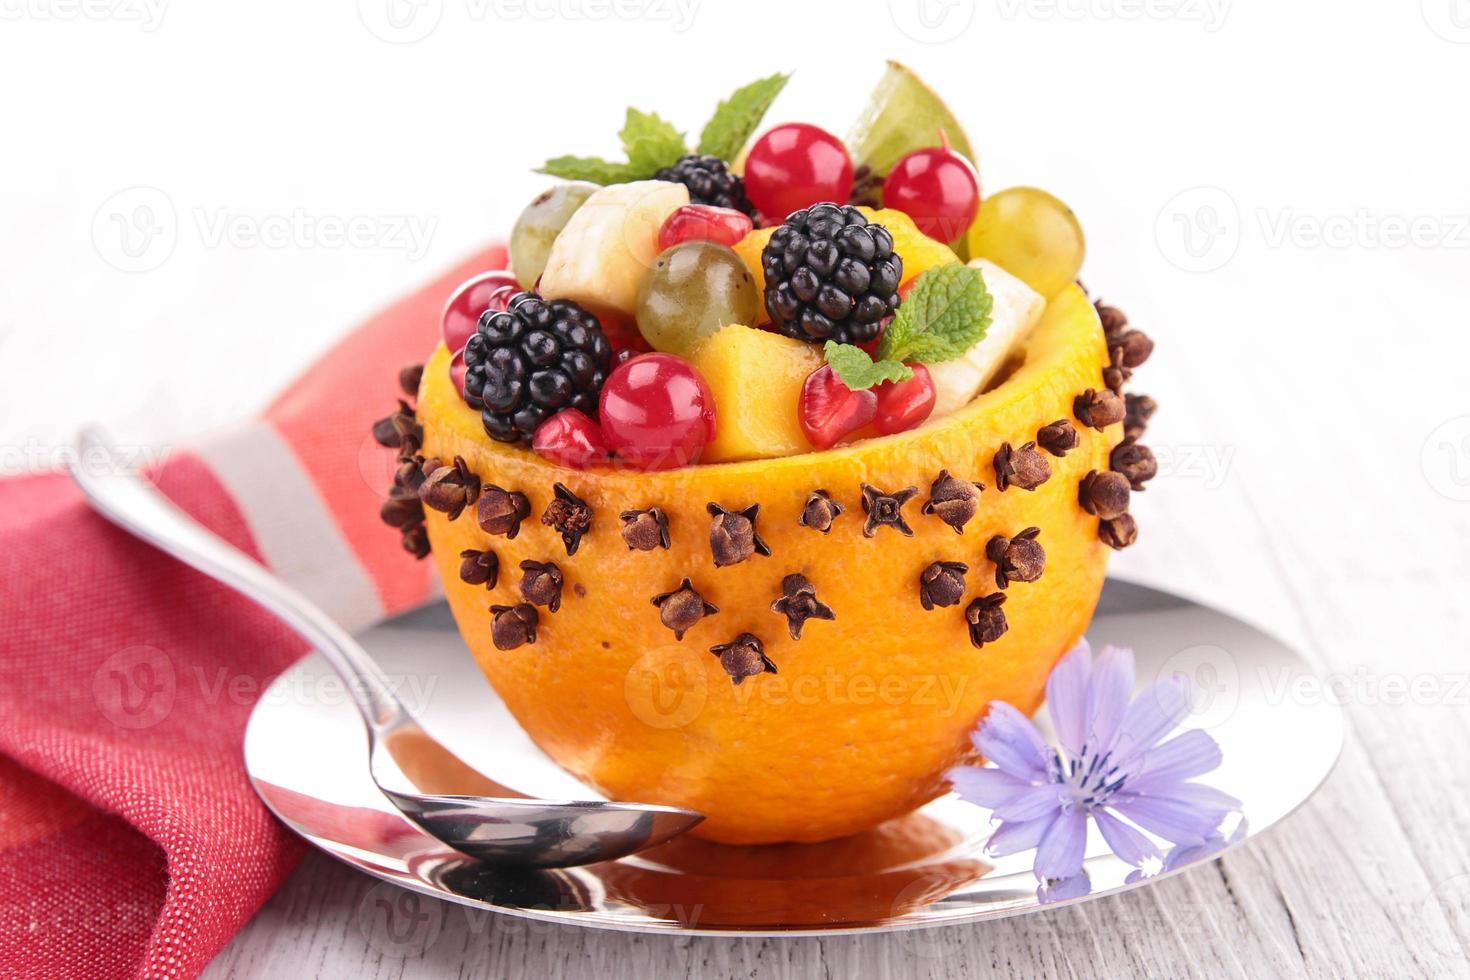 macedonia di frutta in una ciotola d'arancia foto